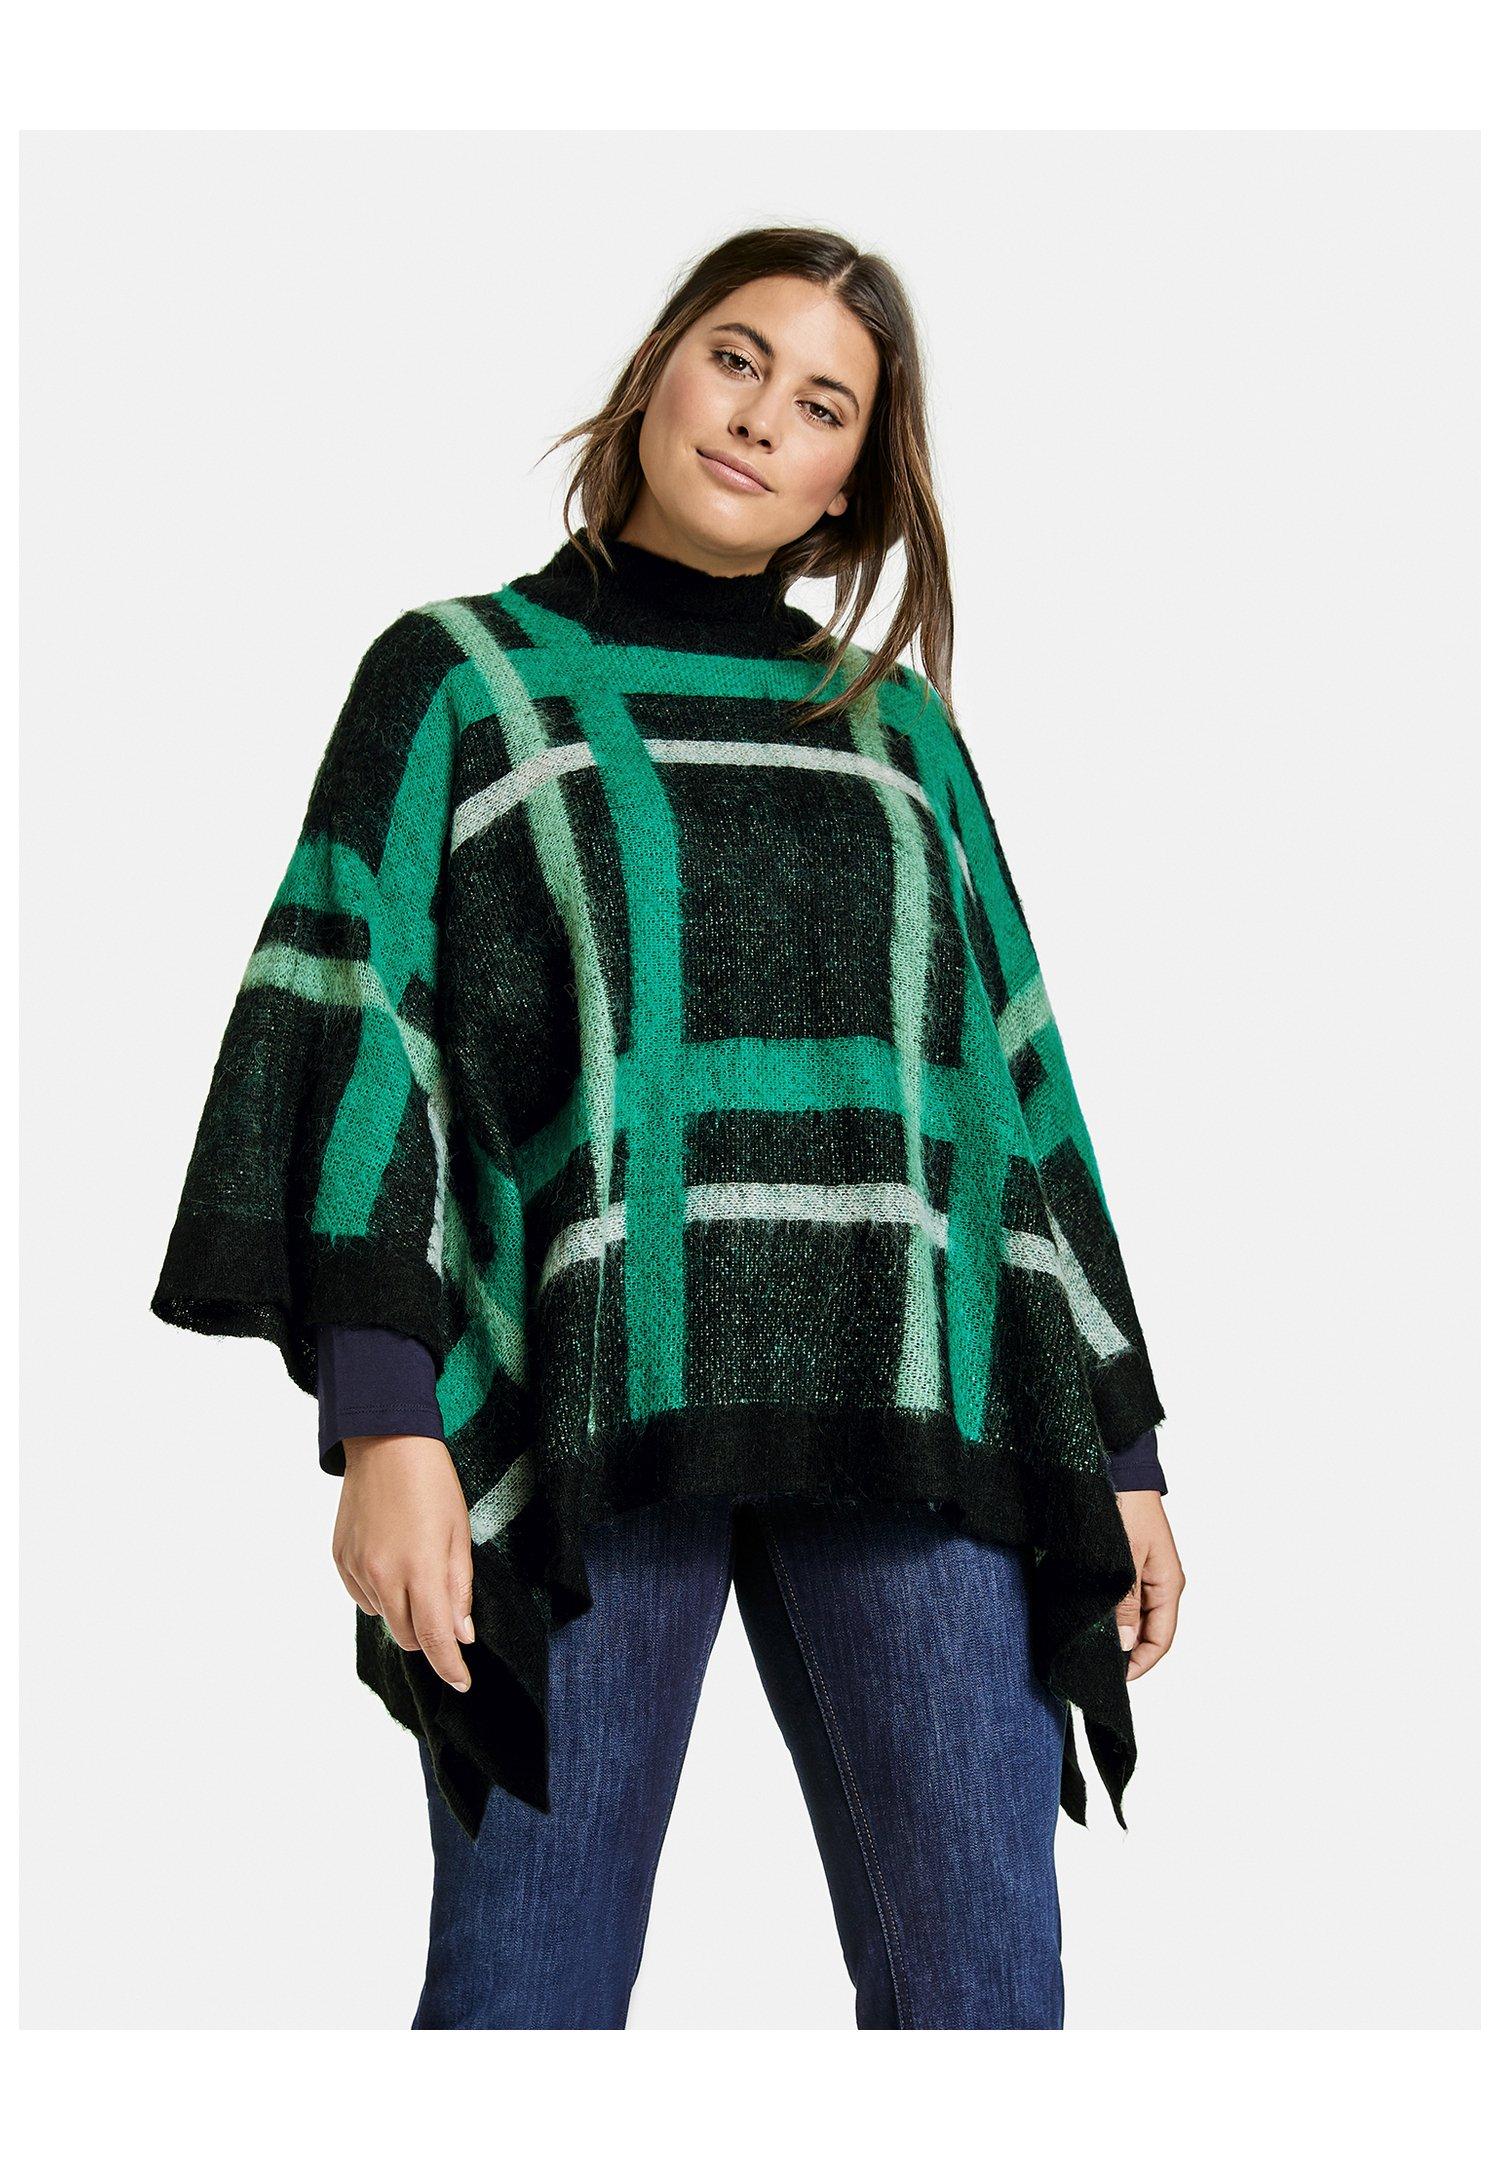 Femme ROLLKRAGEN CHIGER PONCHO MIT KARO-DESSIN - Sweatshirt